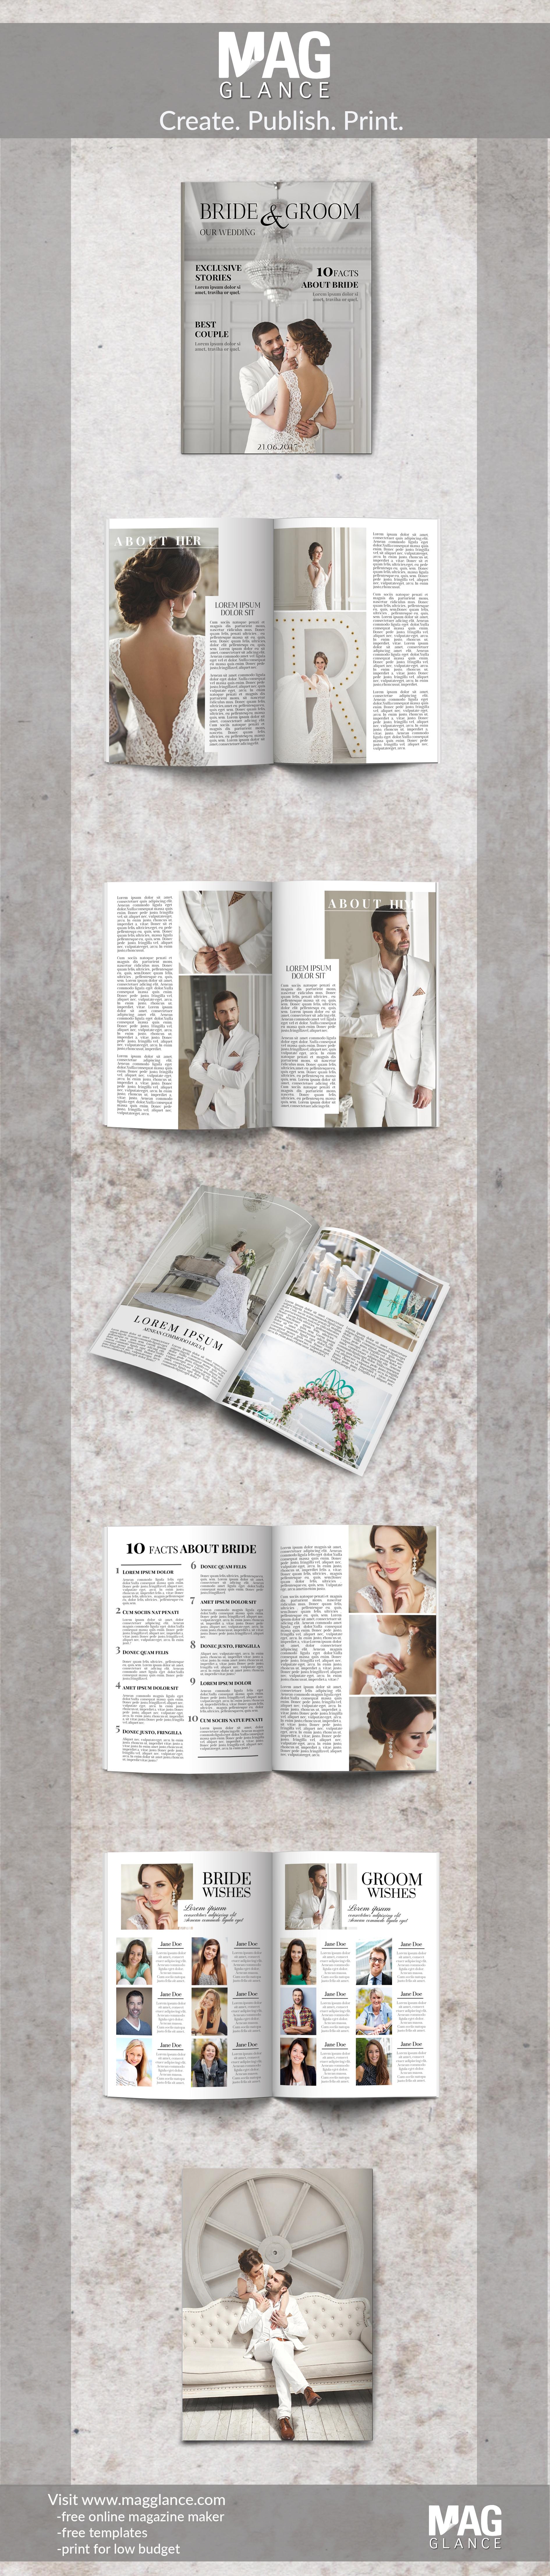 Crea gratis tu periódico de boda online e imprímelo a buen precio ...